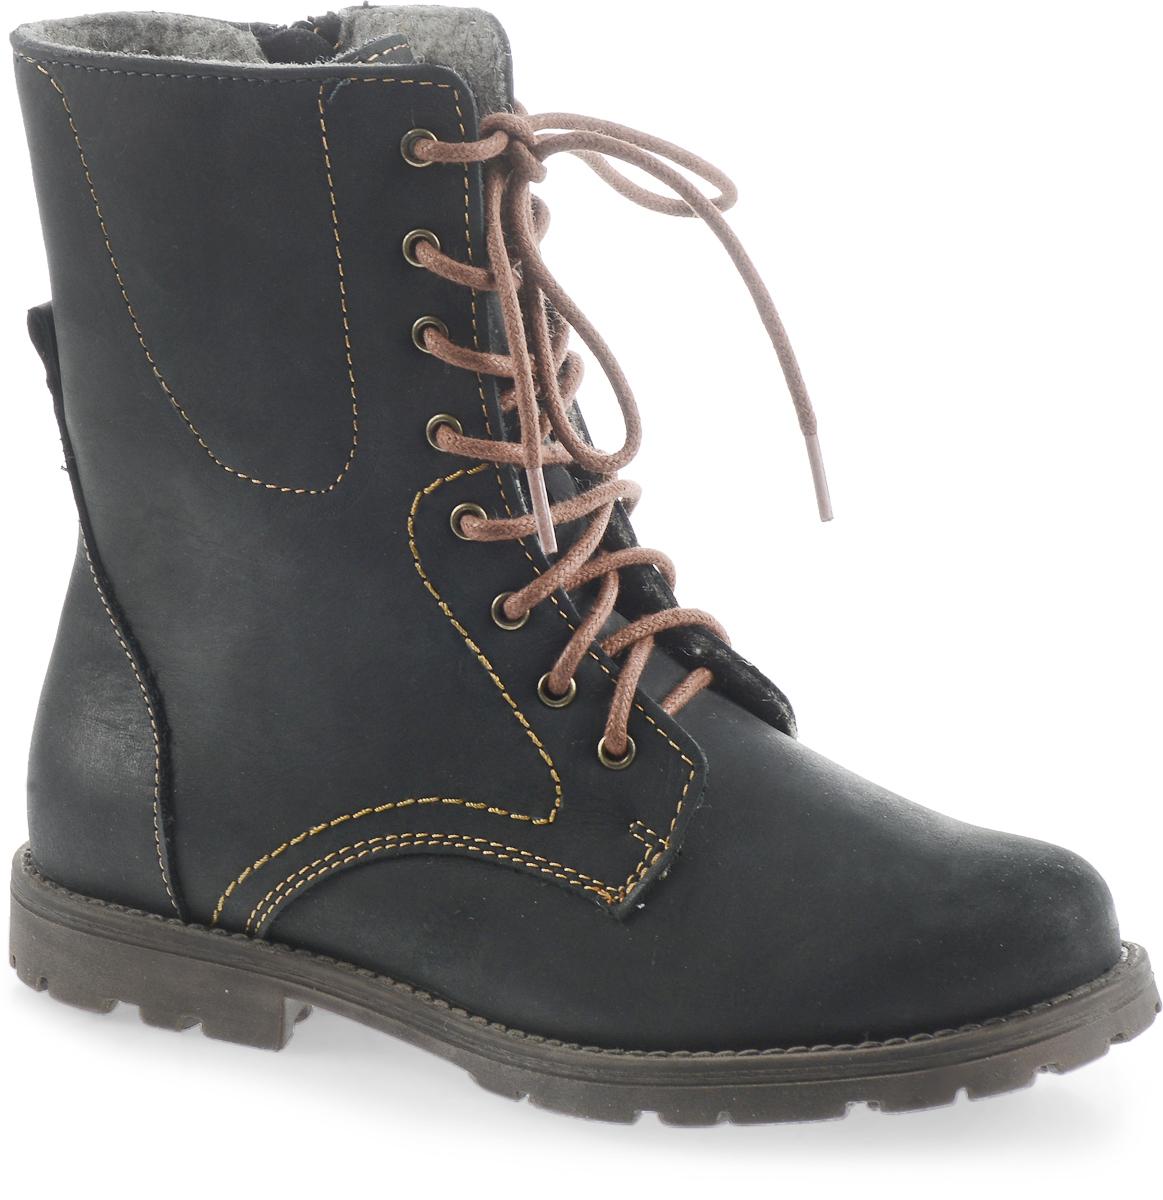 652056-31Ботинки для девочки Котофей на байковой подкладке с верхом из натурального нубука. Удобная застежка-молния позволяет легко обувать и снимать ботинки, а функциональная шнуровка обеспечит идеальную фиксацию обуви на стопе. Подошва с небольшим каблучком гарантирует удобство даже при долгих осенних прогулках.